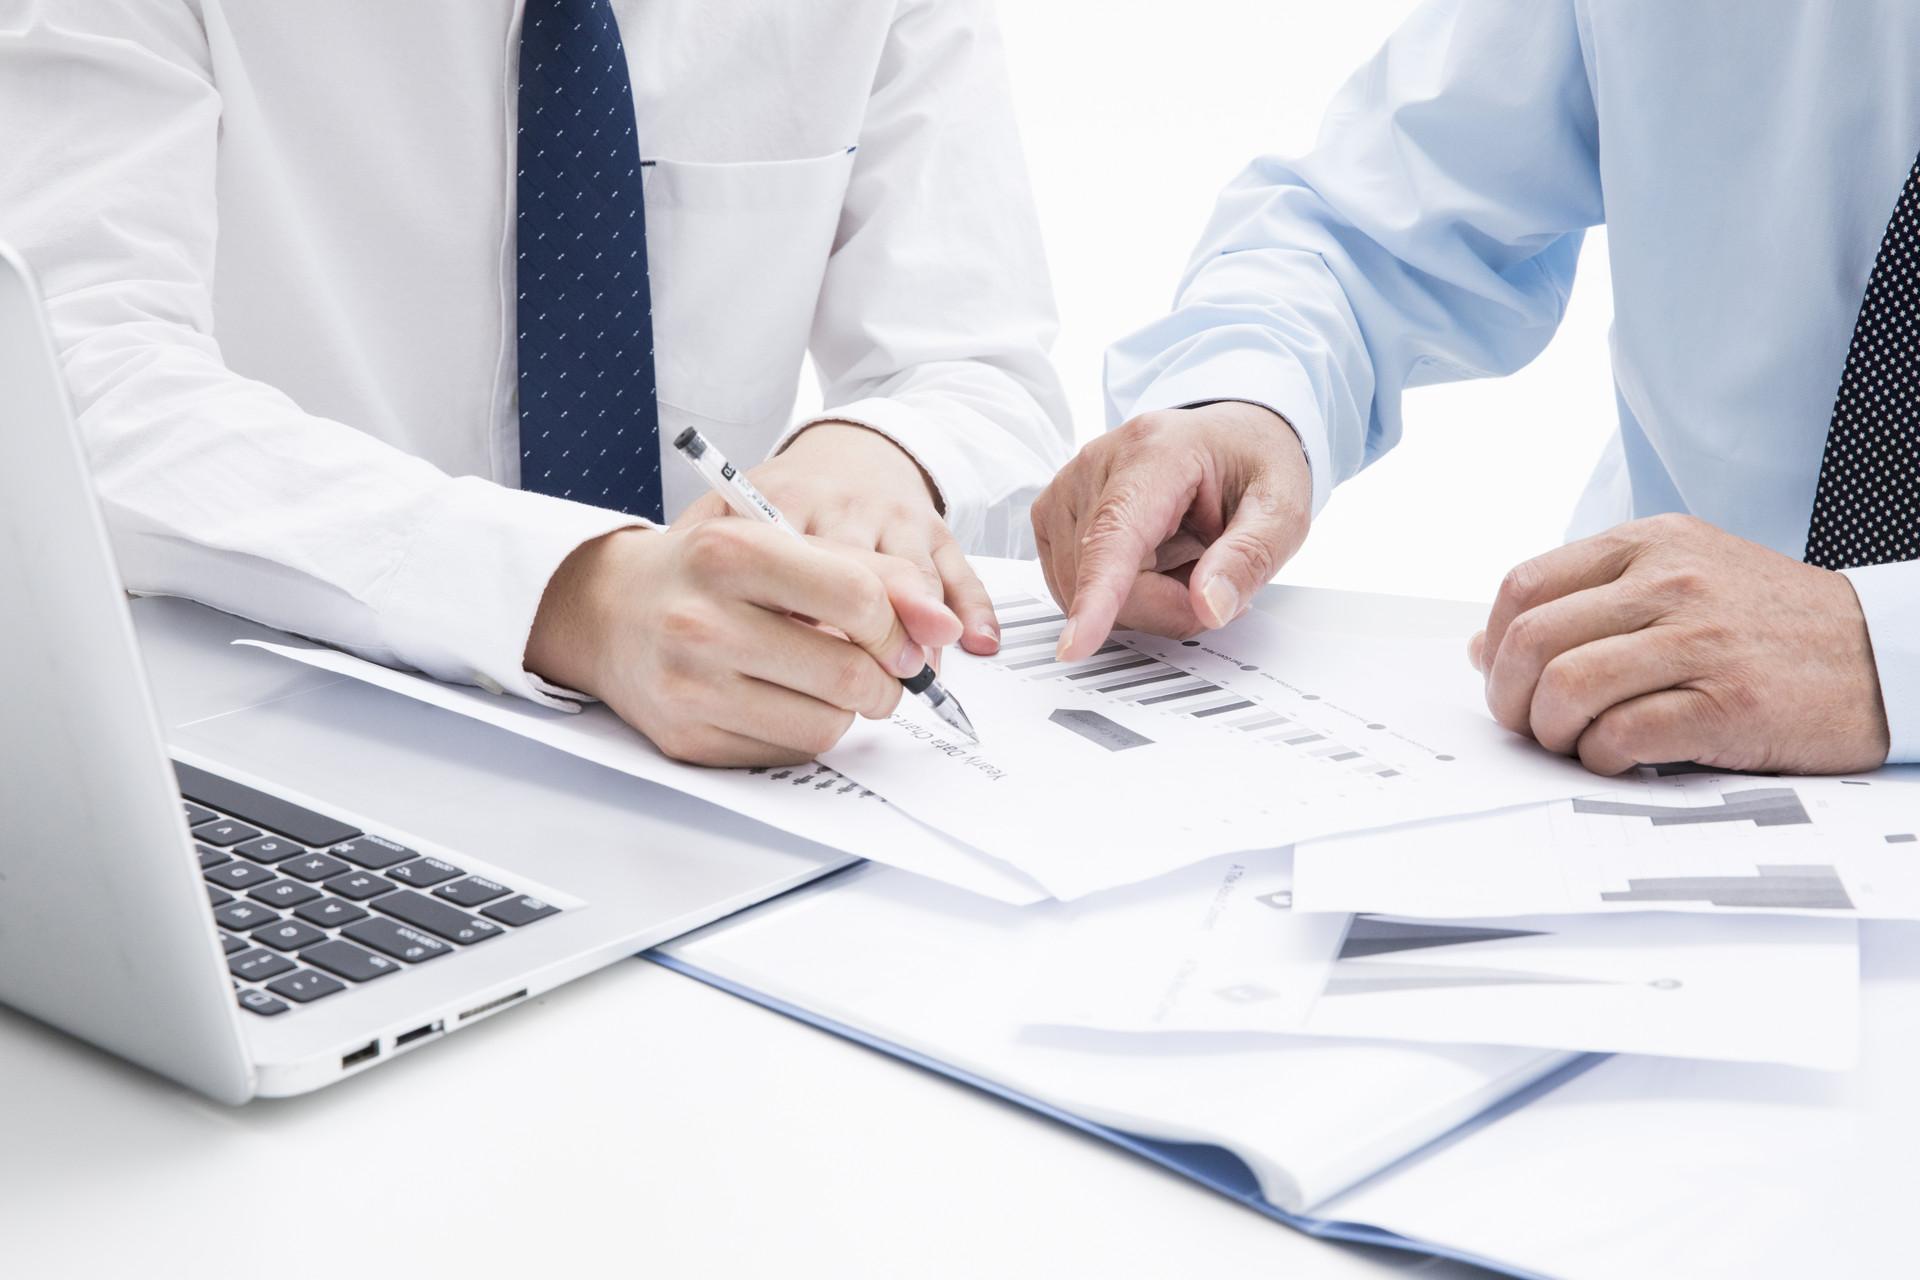 代理记账,深圳代理记账公司的优势,深圳代理记账